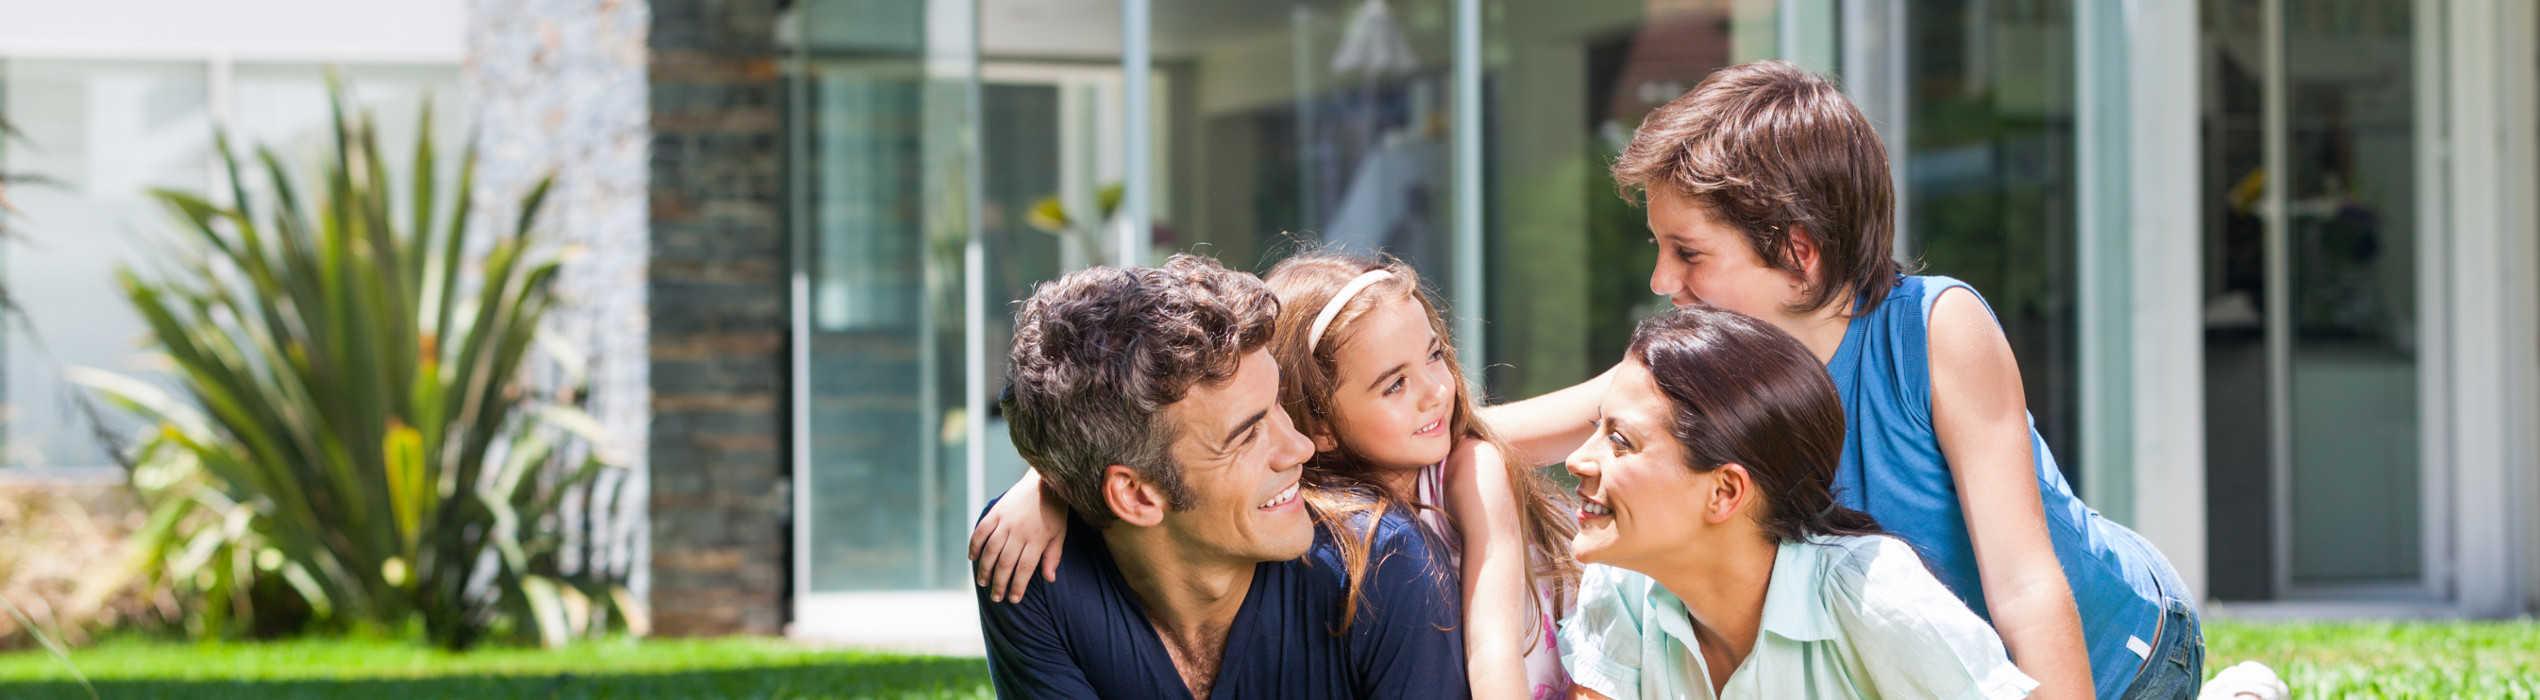 Risparmio energetico casa i consigli per aumentarlo for Risparmio energetico casa